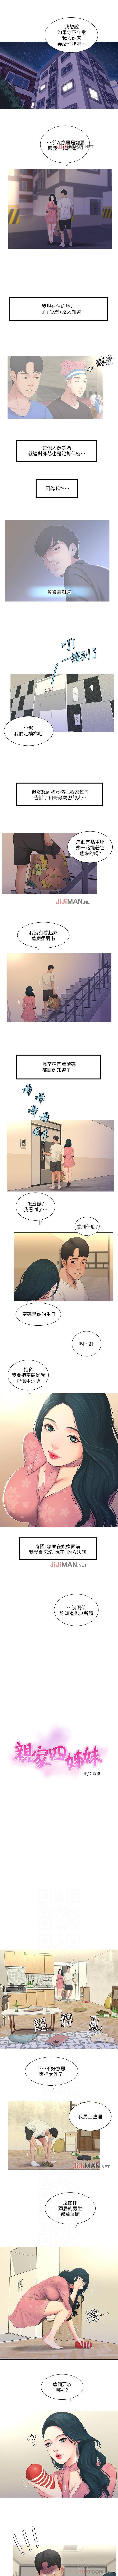 【周四连载】亲家四姐妹(作者:愛摸) 第1~27话 26